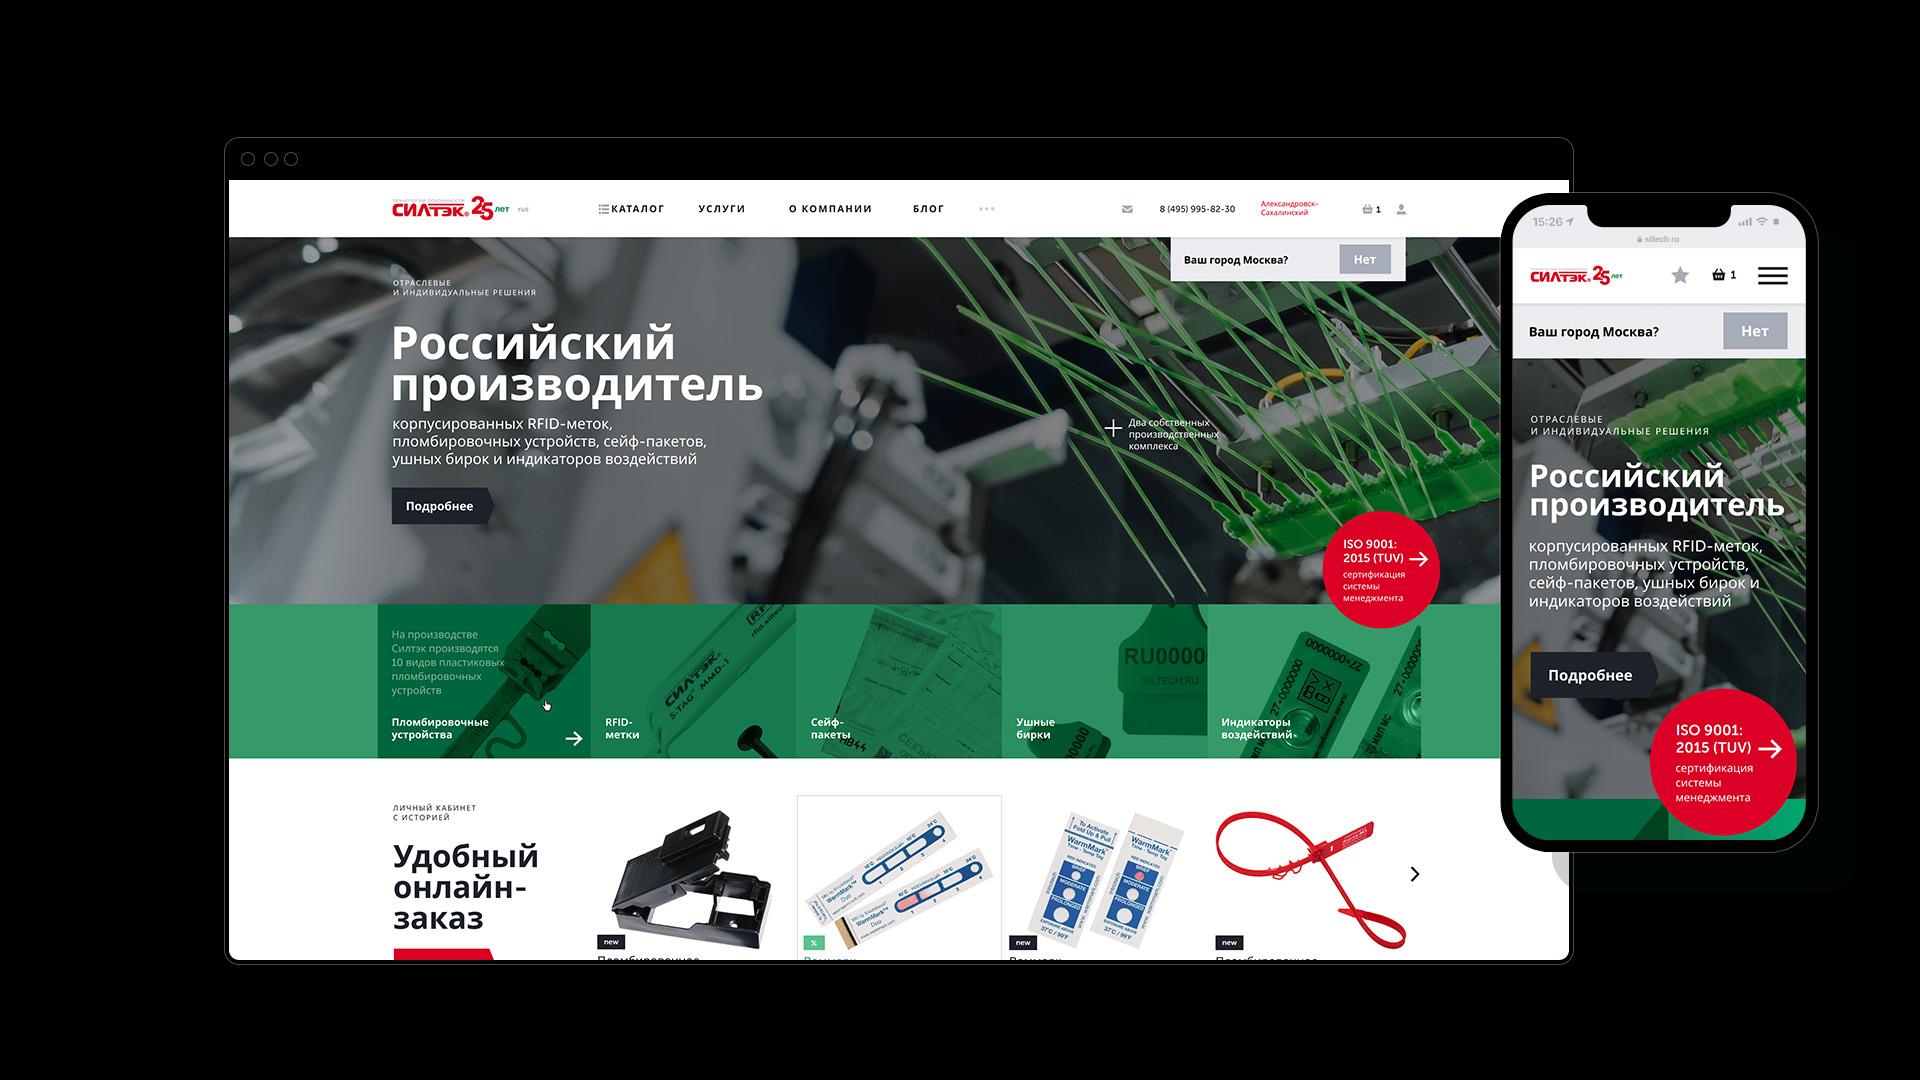 Сайт производителя пломбировочных устройств Силтэк